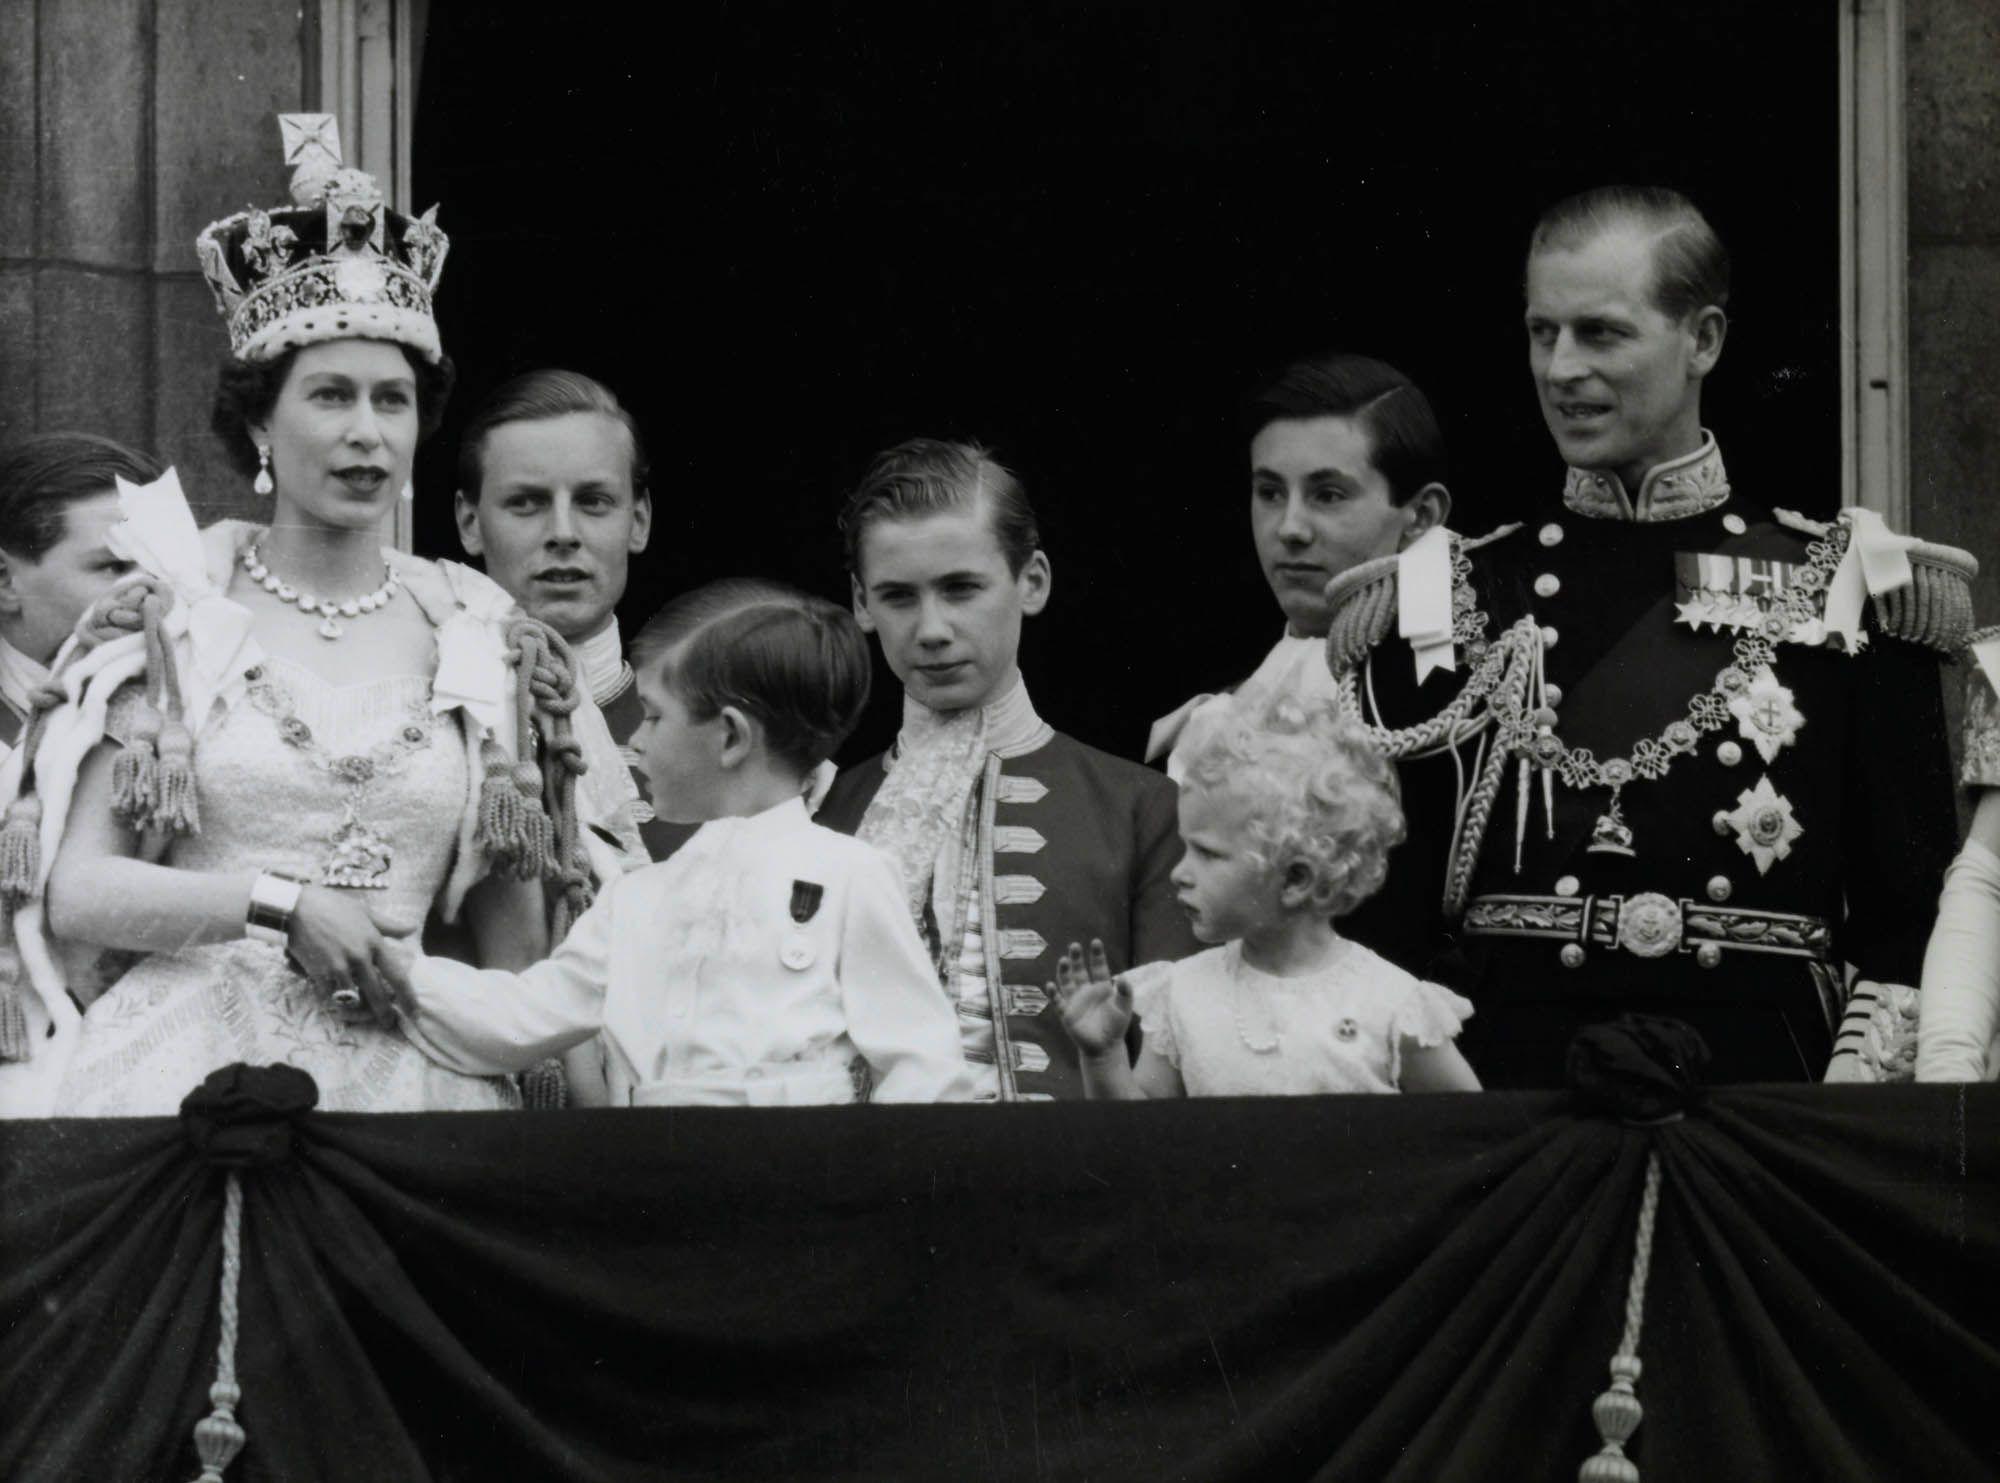 Britisches Königshaus beruft Sondersitzung ein - Business